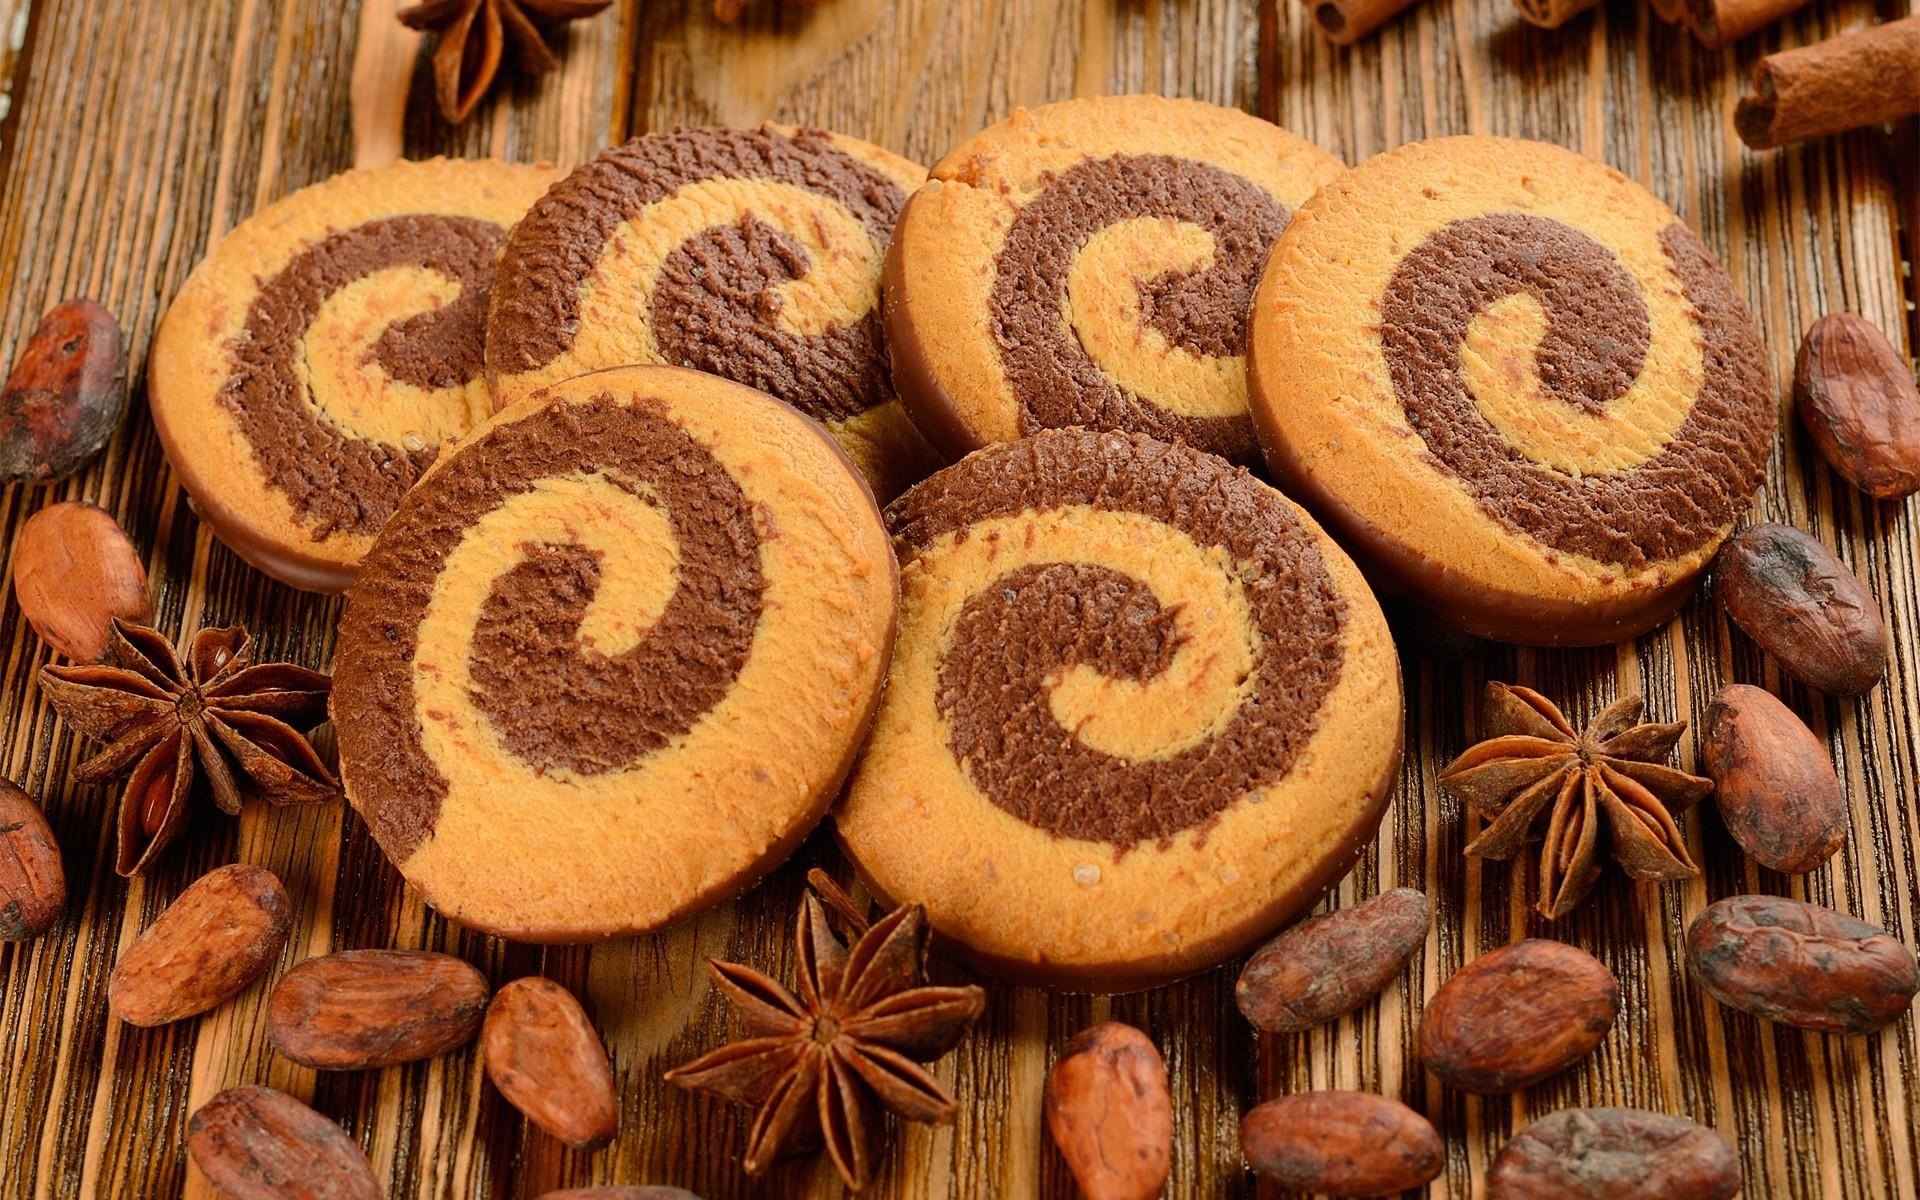 центральные красивые картинки для печенья сделанные корпоративные